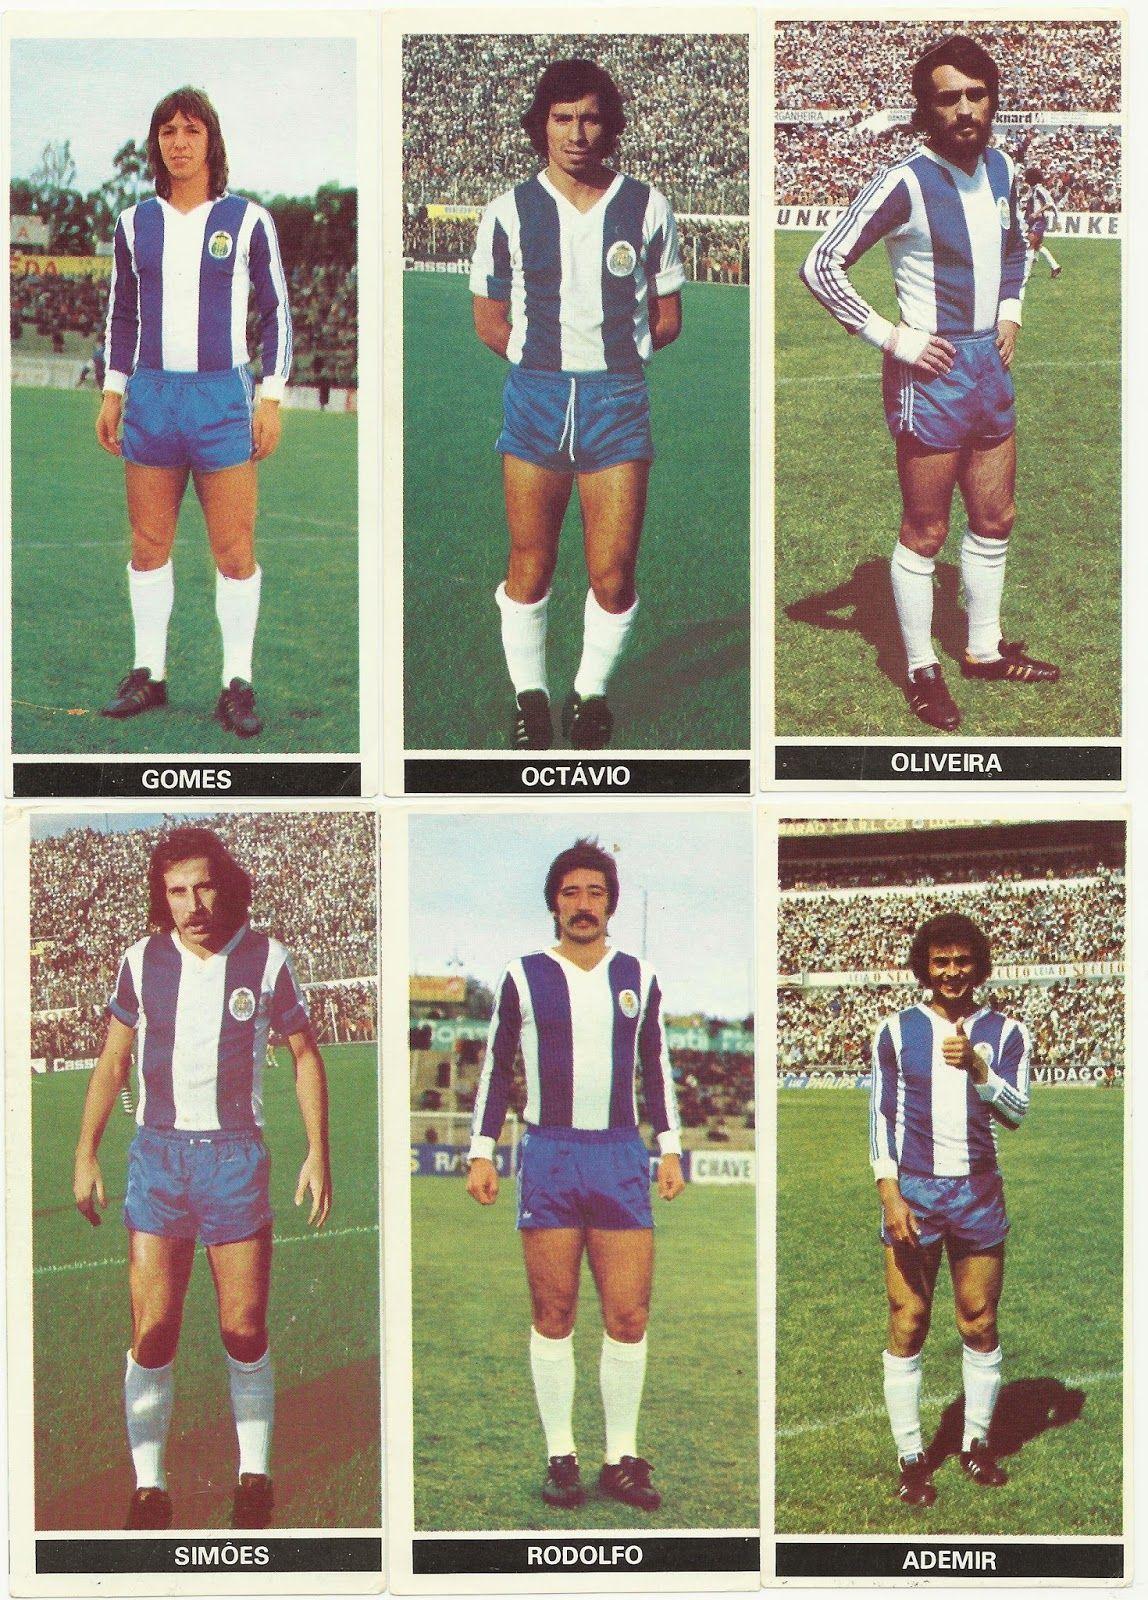 Cromos De Uma Coleccao Dos Anos 70 Jogadores Do F C Porto Futebol Clube Do Porto Futebol Clube